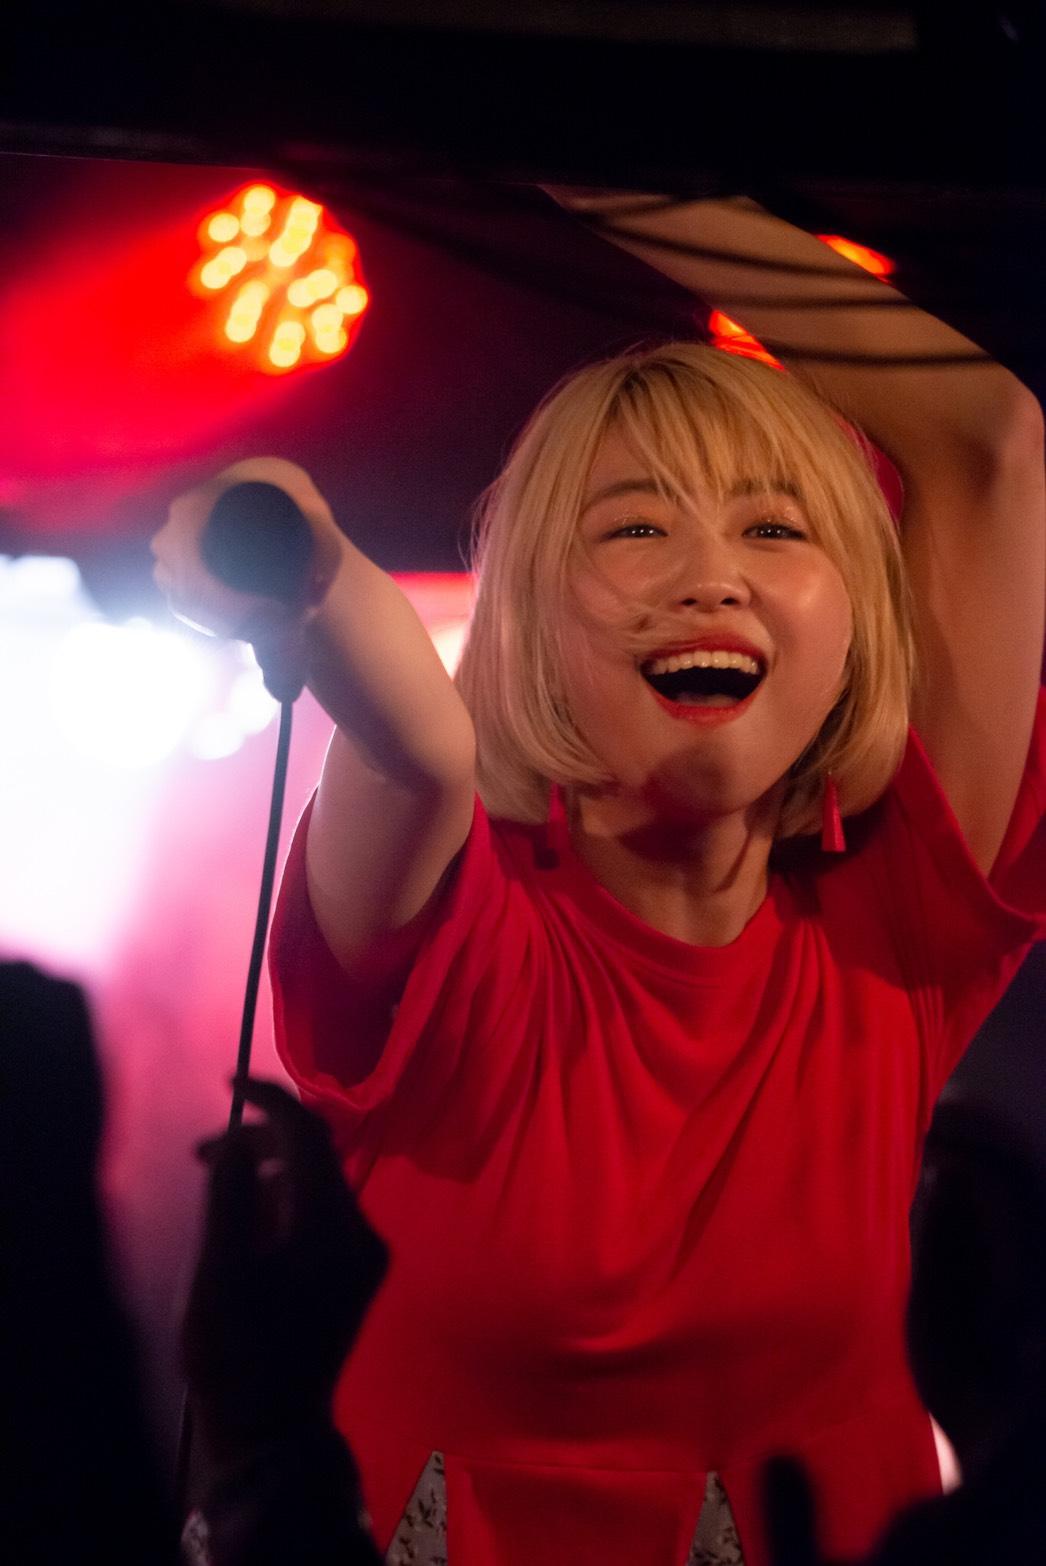 大矢梨華子(おおや・りかこ/22) 初の自主企画マンスリーライブ「チカマツからはじめまして大矢梨華子です!」Vol.1(2019年7月24日(水)、下北沢のライブハウスの近松にて)